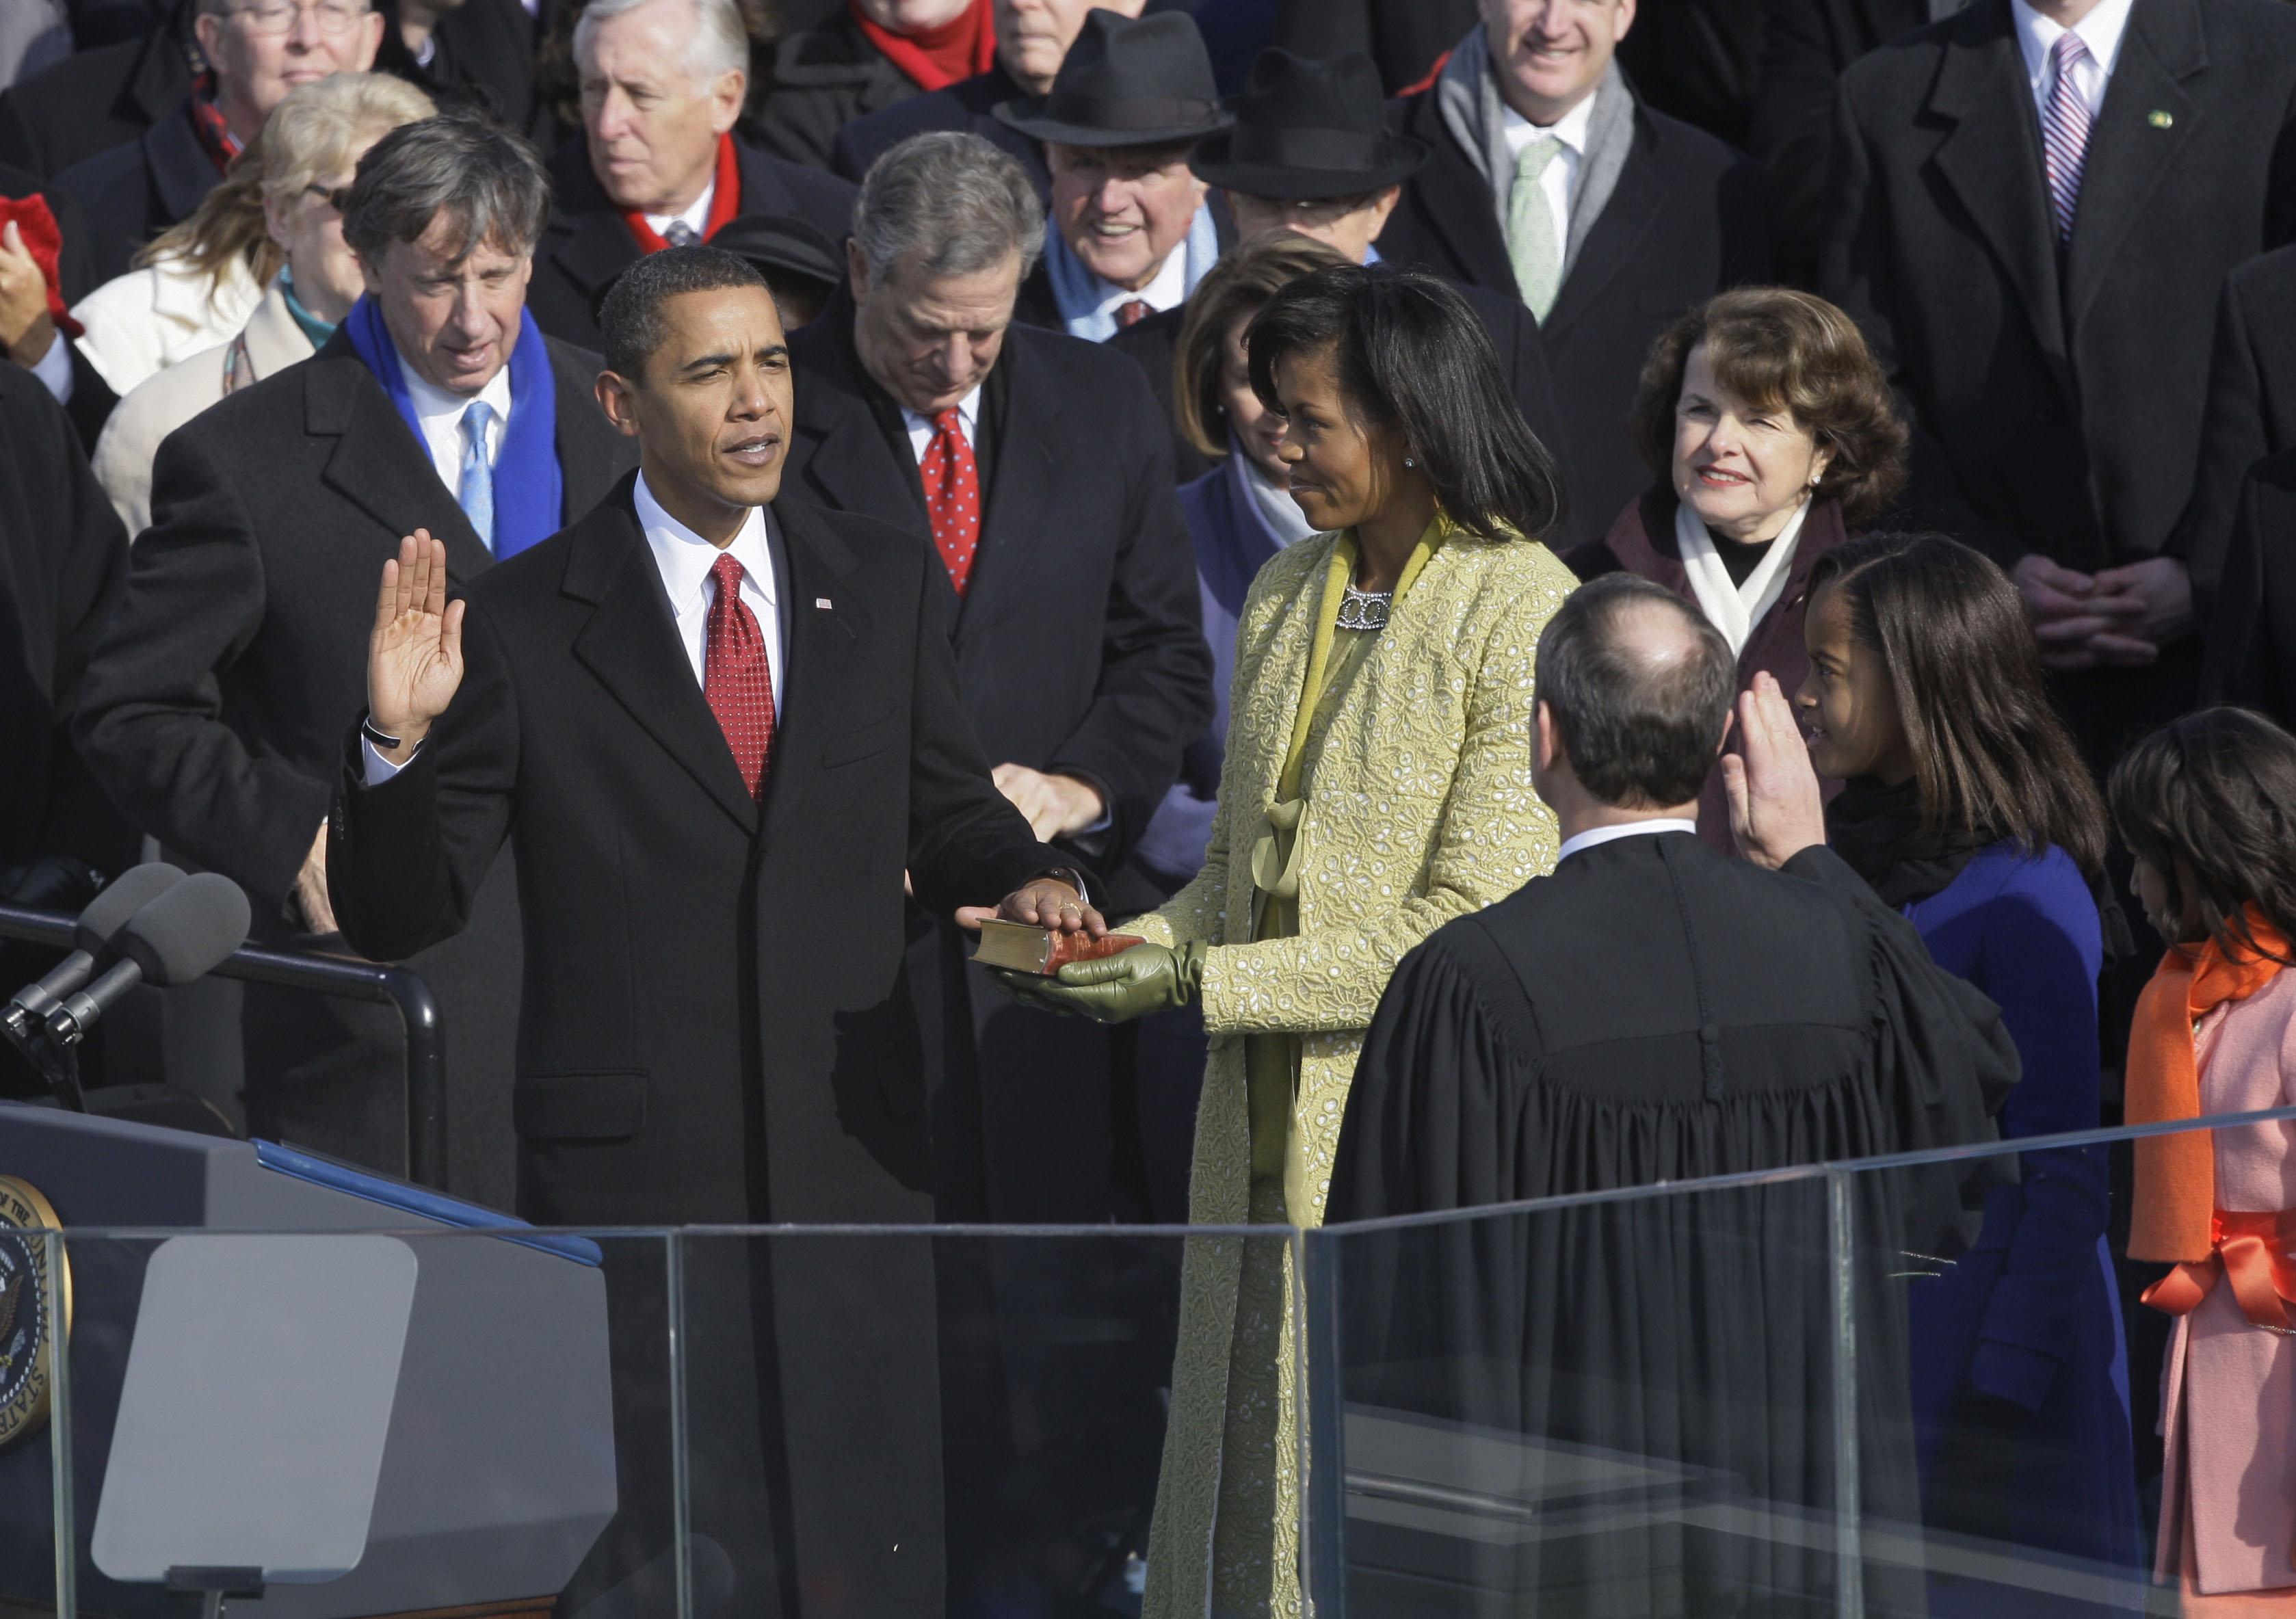 2009年1月20日,歐巴馬宣誓就職美國第44任總統。(美聯社)